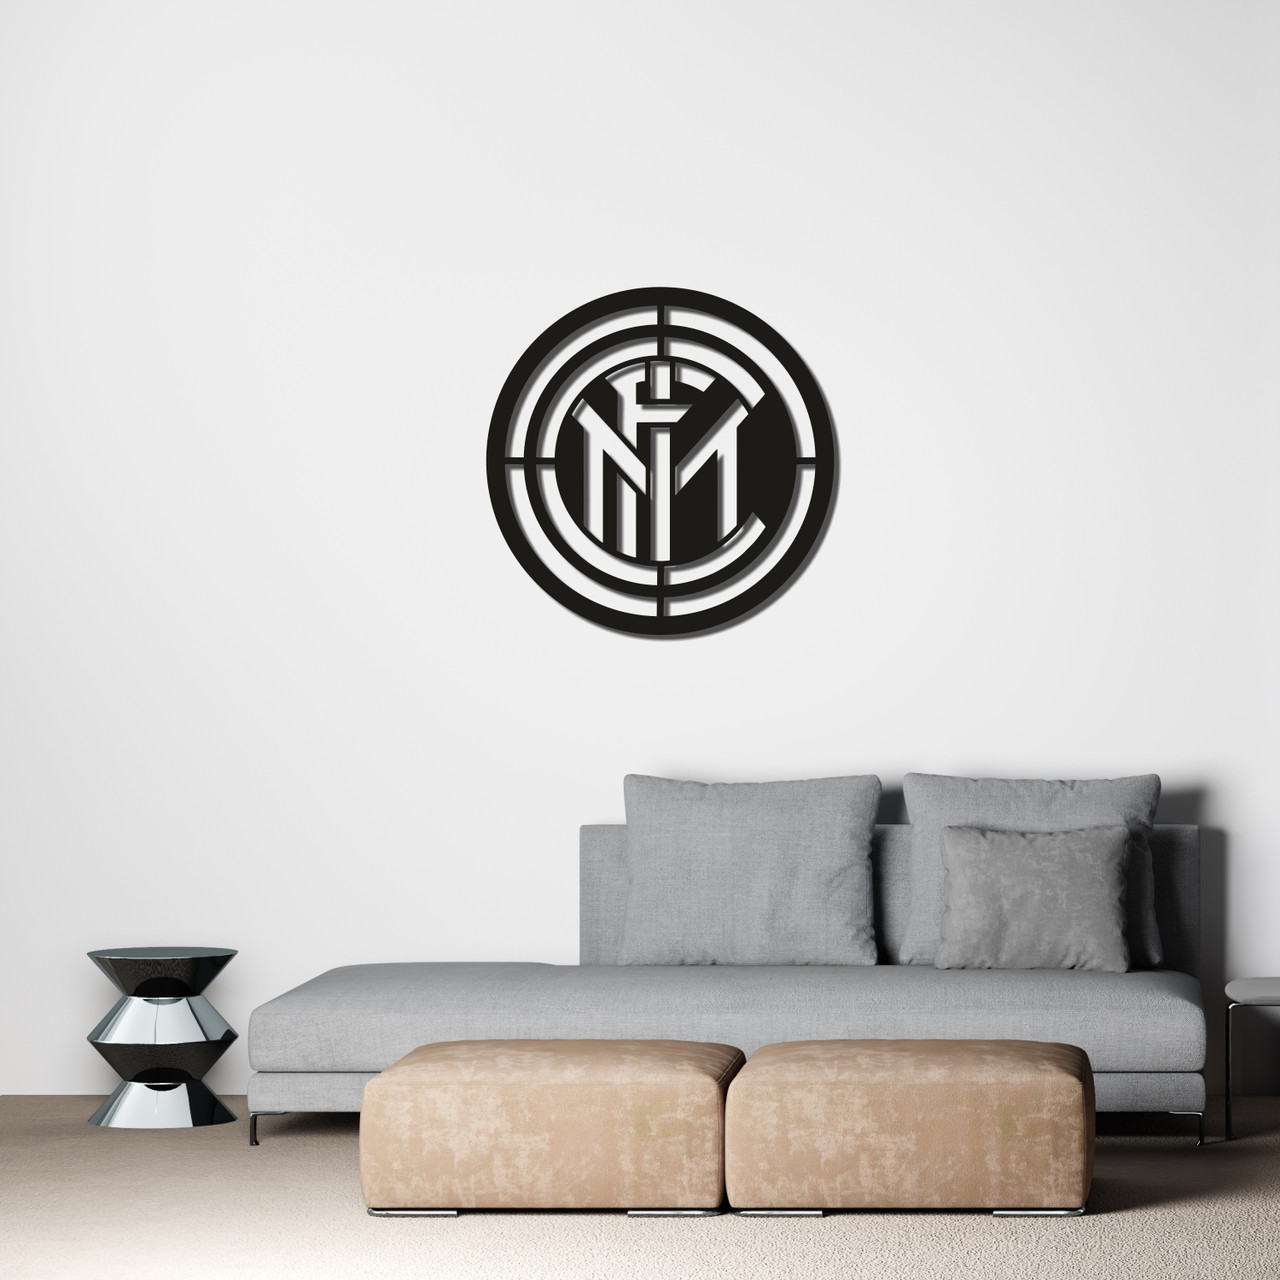 Интерьерная картина из дерева с эмблемой ФK «Интер»